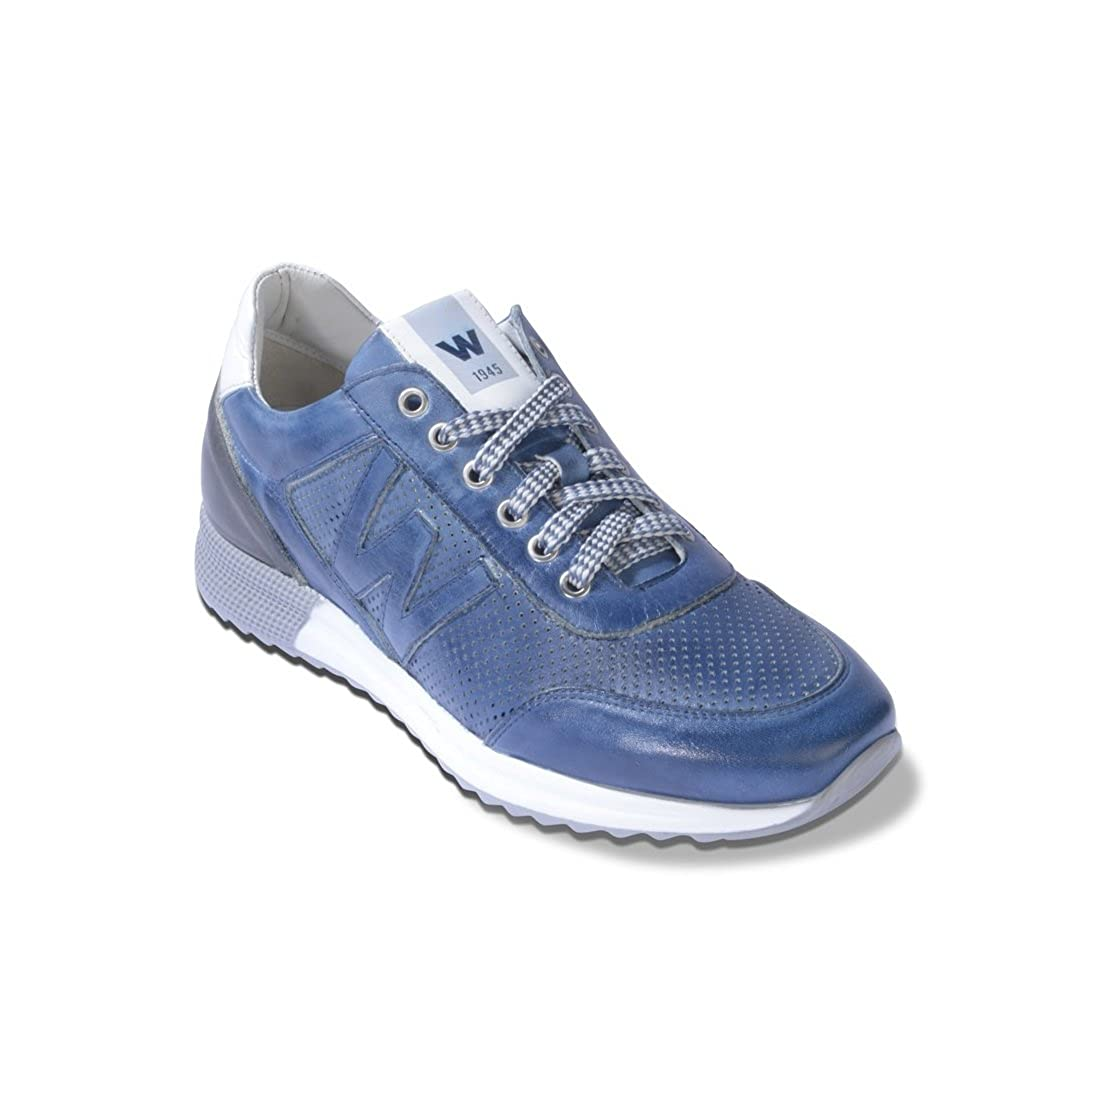 Acquista Melluso Walk Tachno Sneaker Uomo in Pelle Traforata, U16200 miglior prezzo offerta